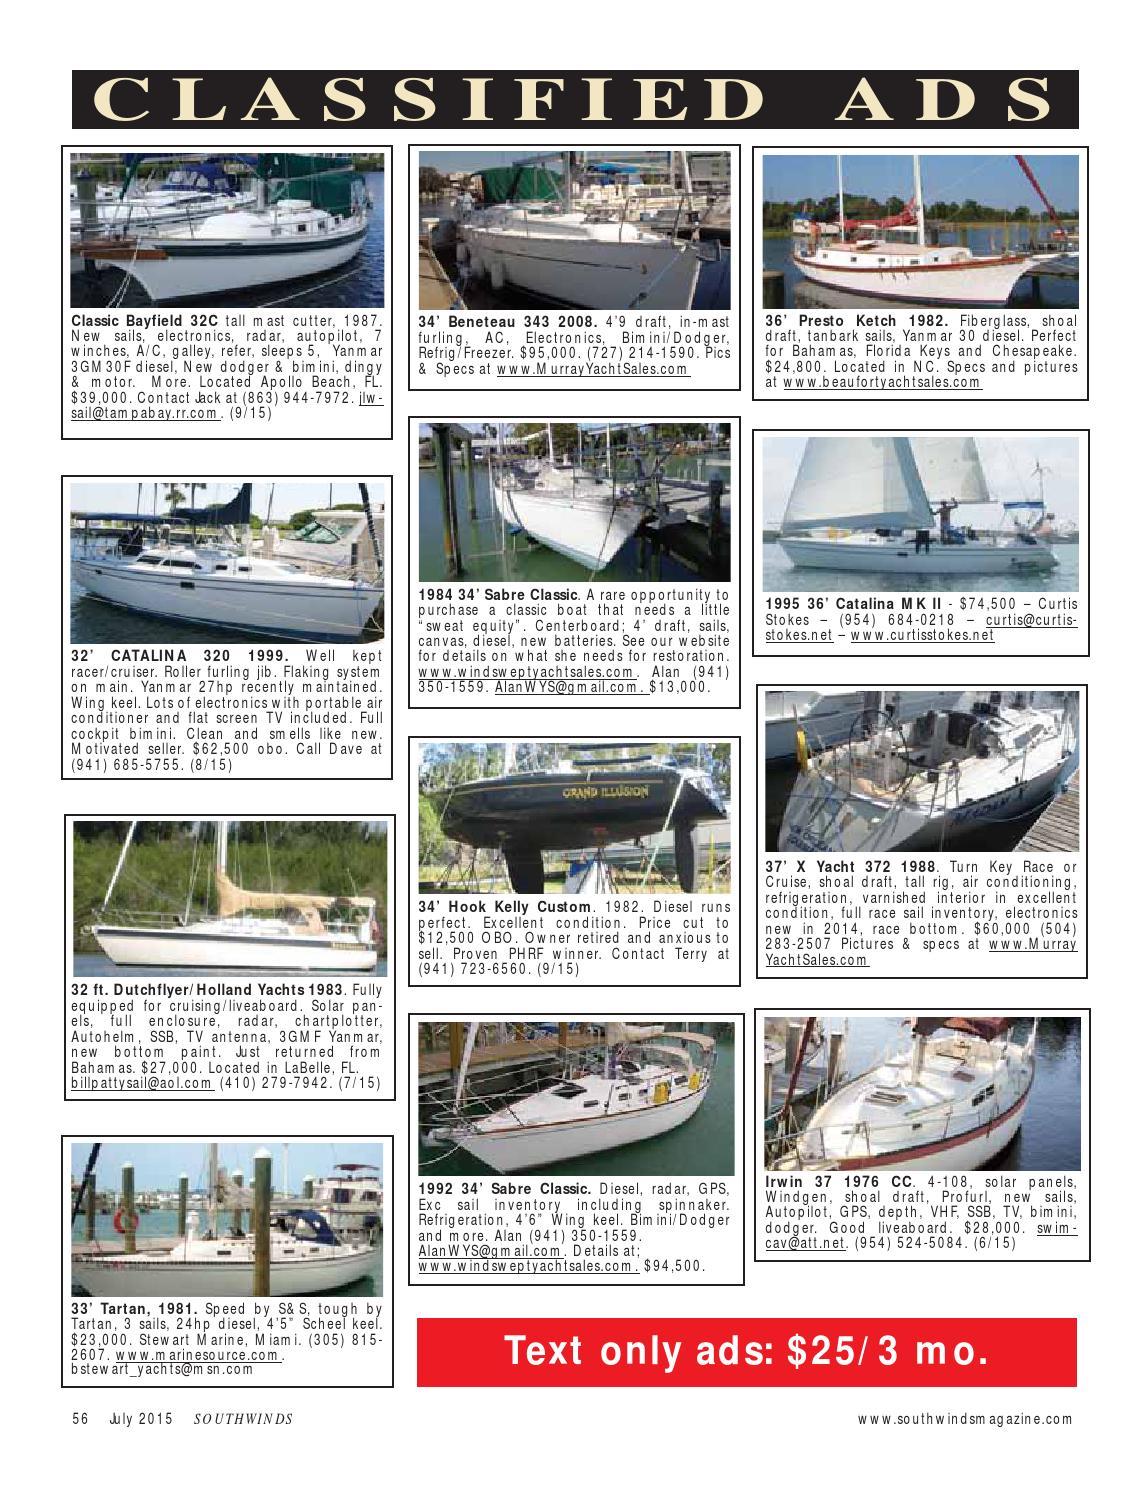 Southwinds July 2015 by SOUTHWINDS Magazine - issuu